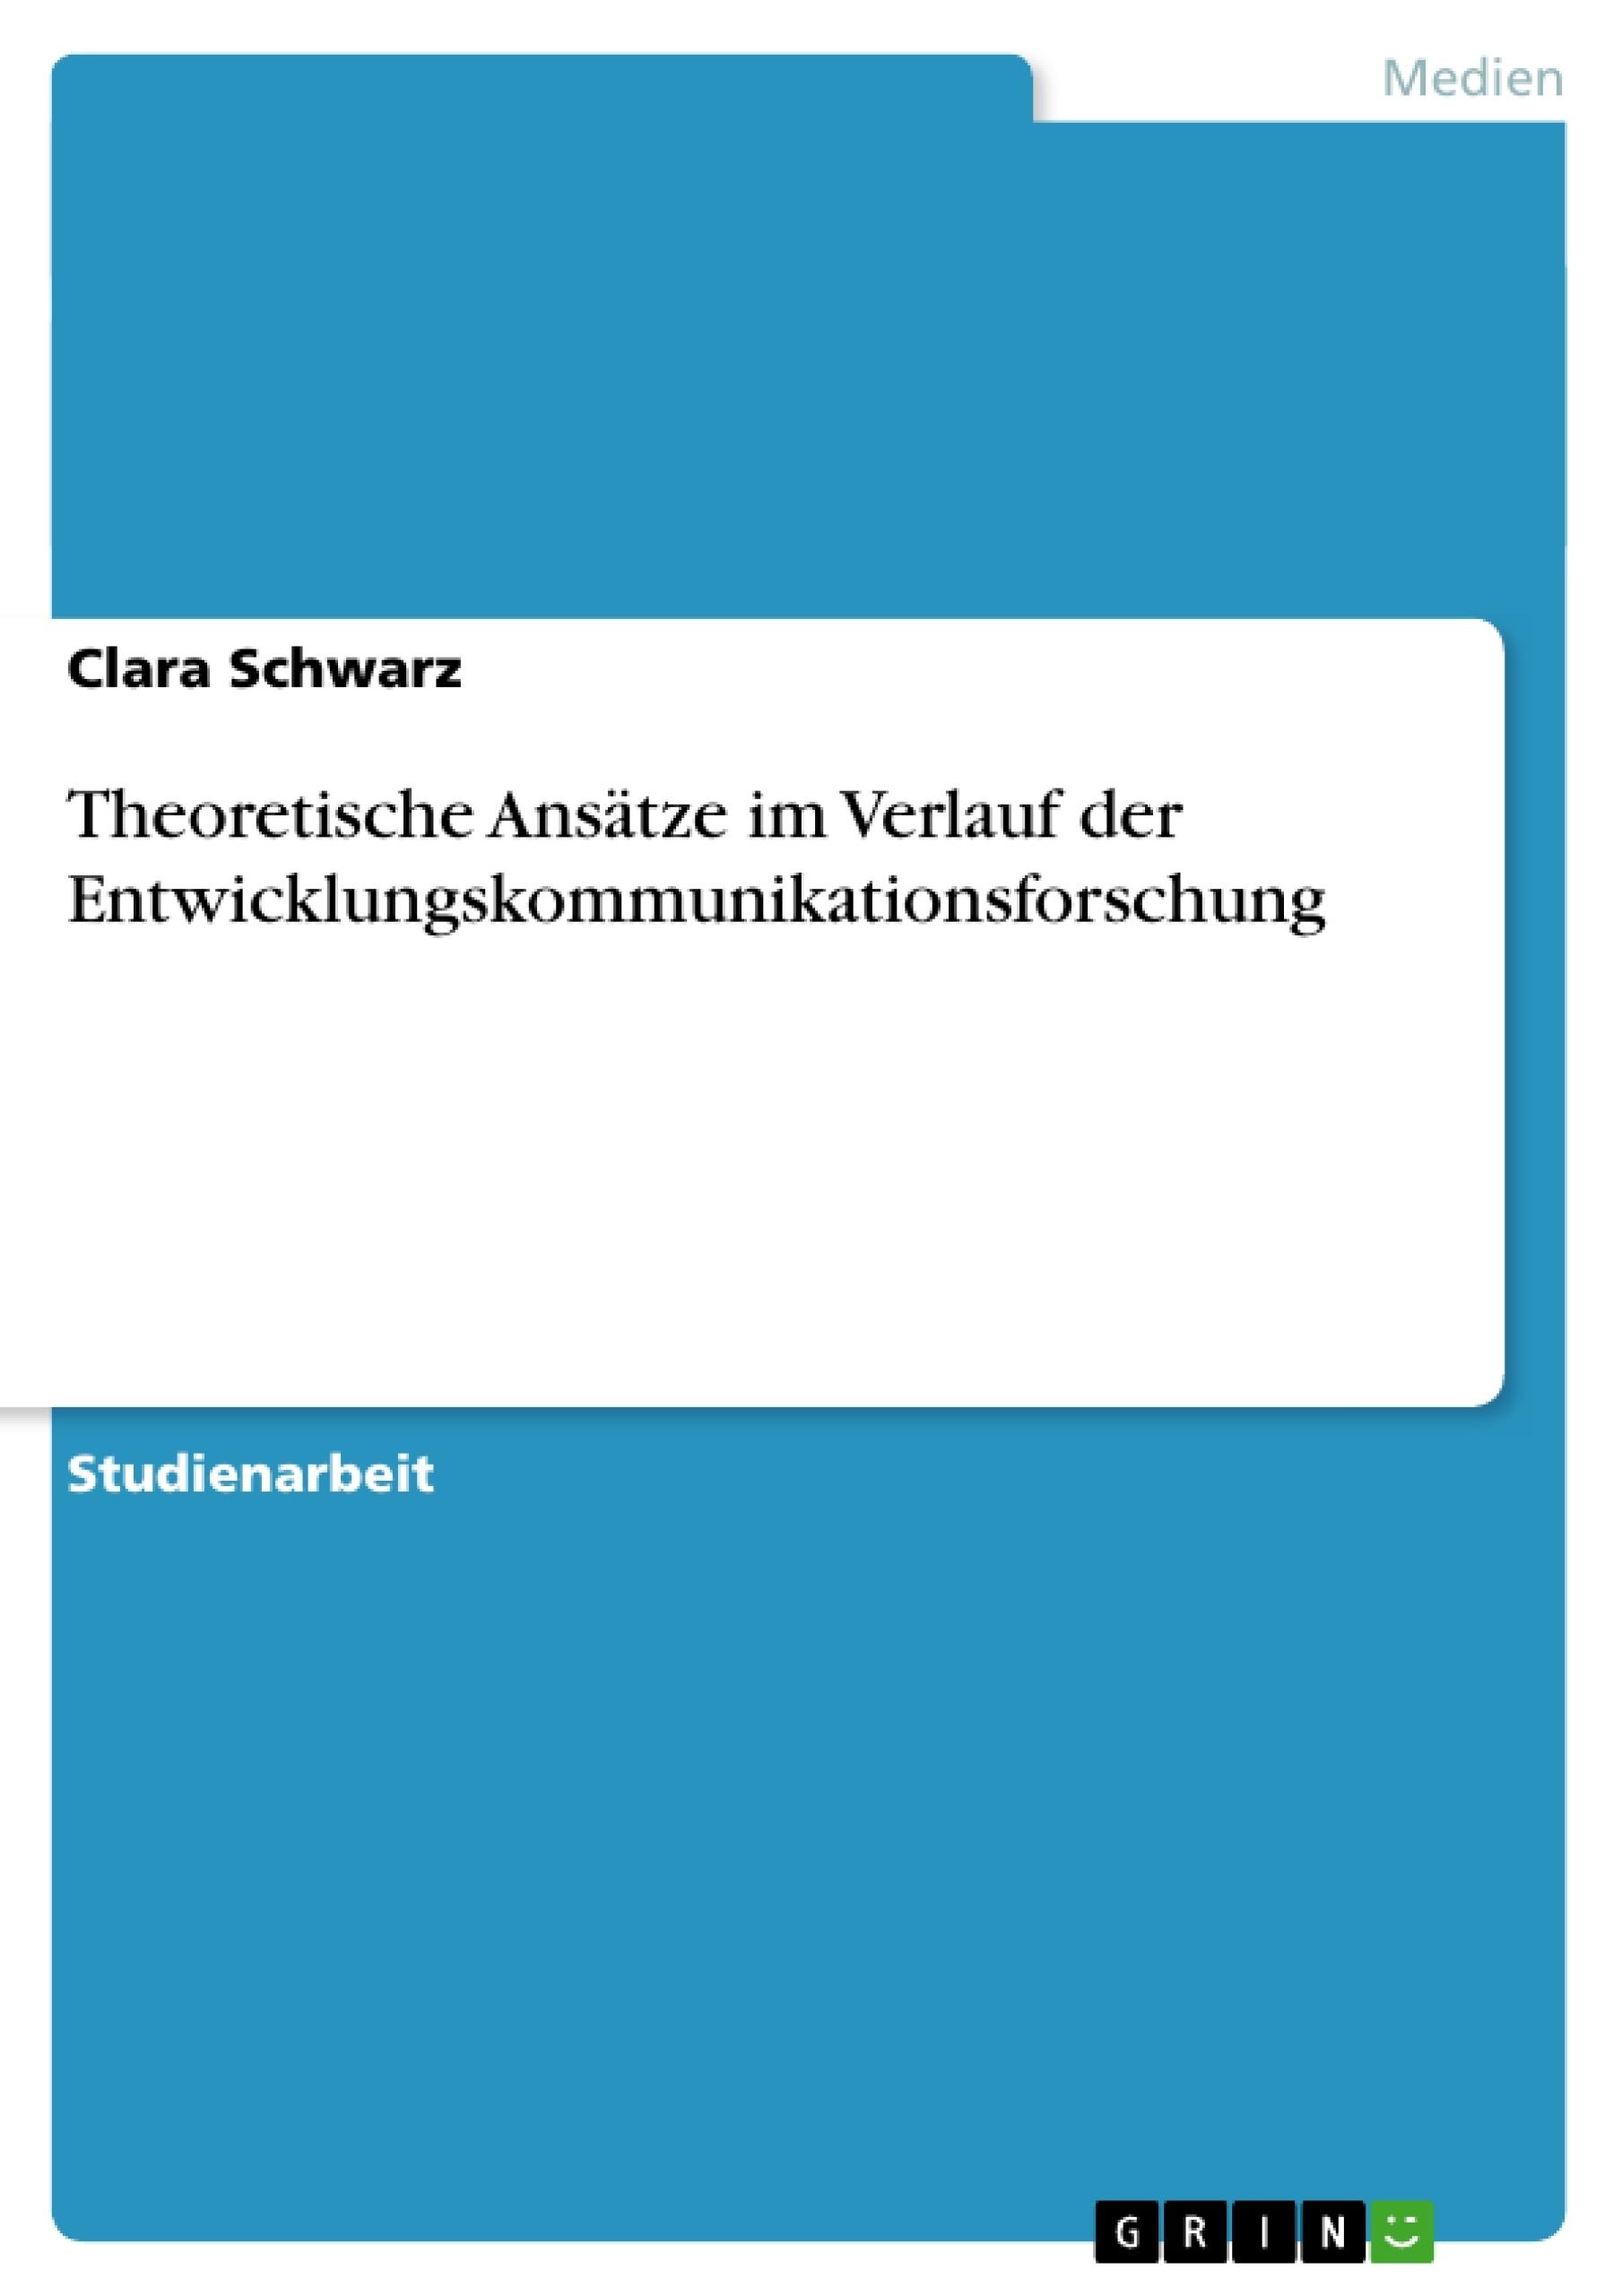 Titel: Theoretische Ansätze im Verlauf der Entwicklungskommunikationsforschung